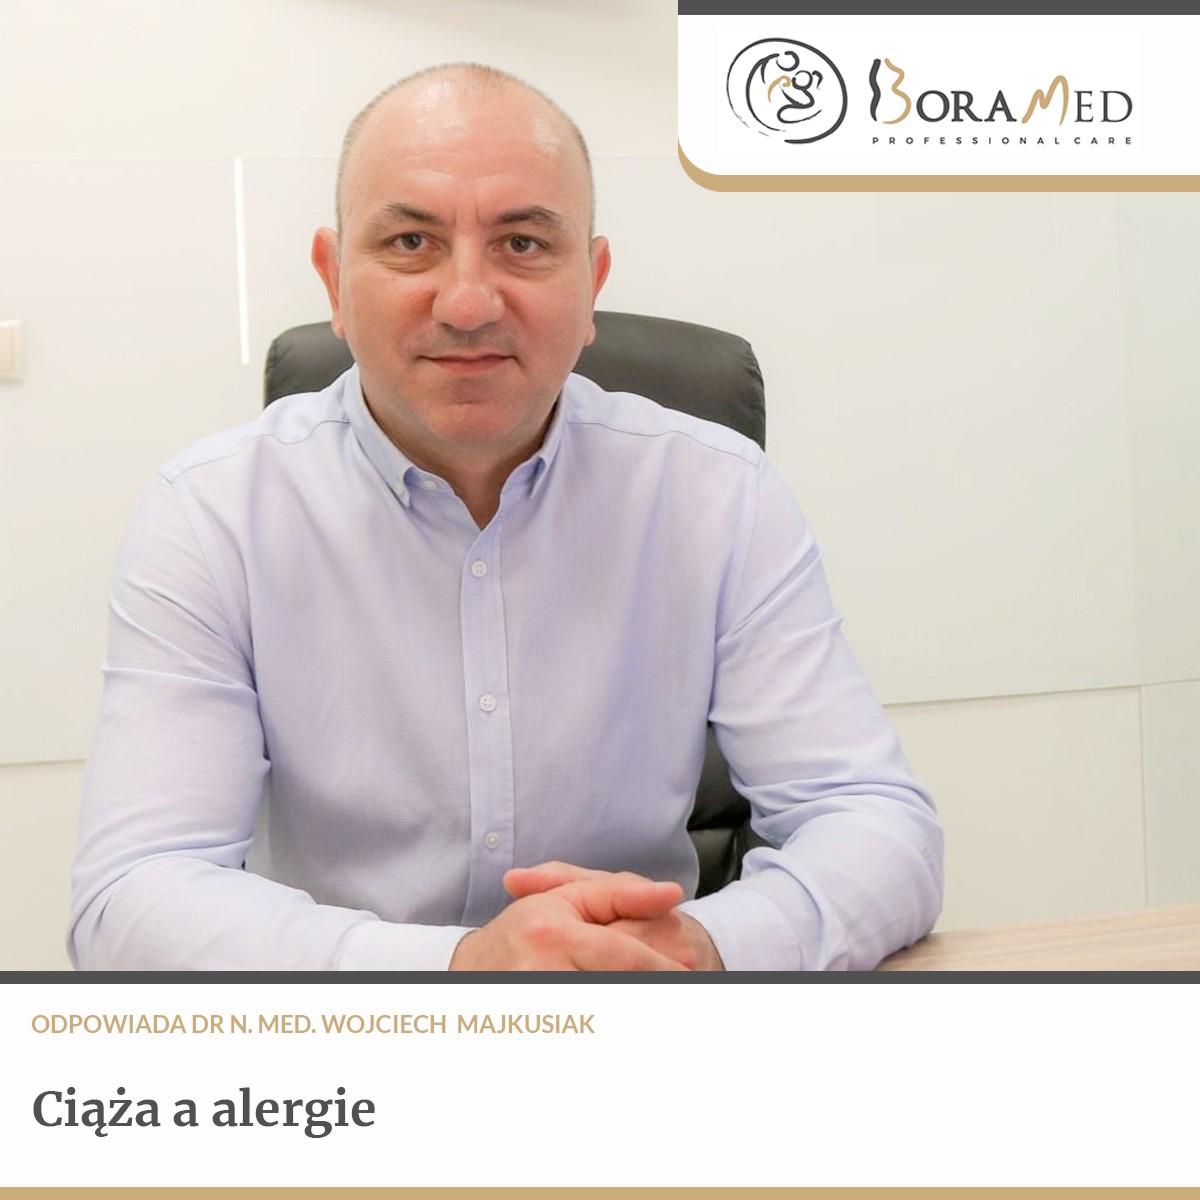 alergie-_20210817-074840_1